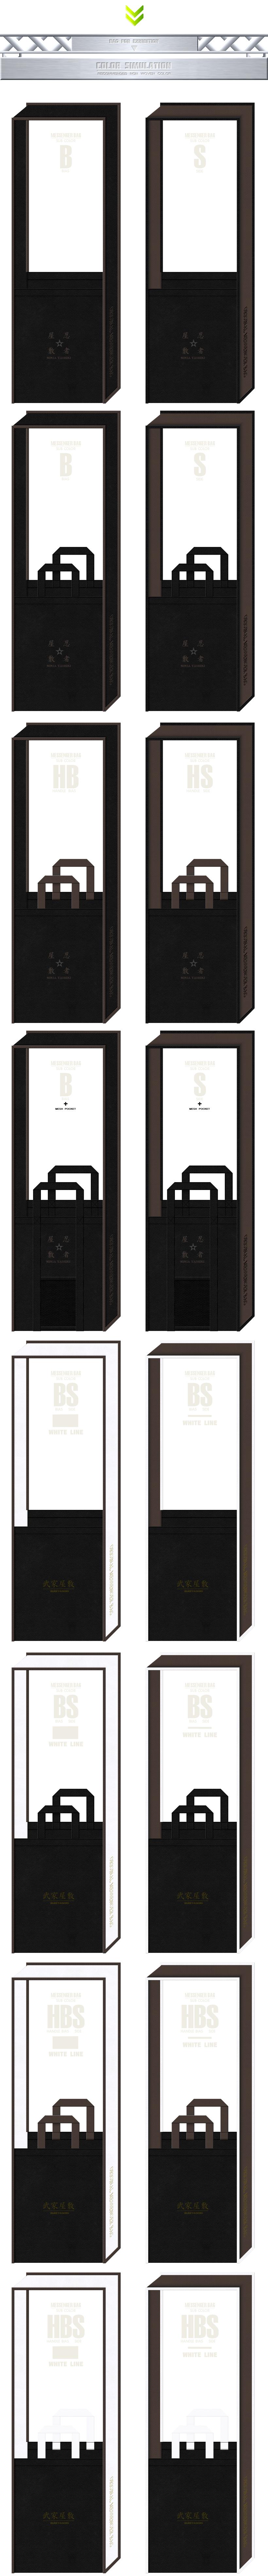 黒色とこげ茶色をメインに使用した、不織布メッセンジャーバッグのカラーシミュレーション(忍者・侍・武家・戦国):ゲームの展示会用バッグ